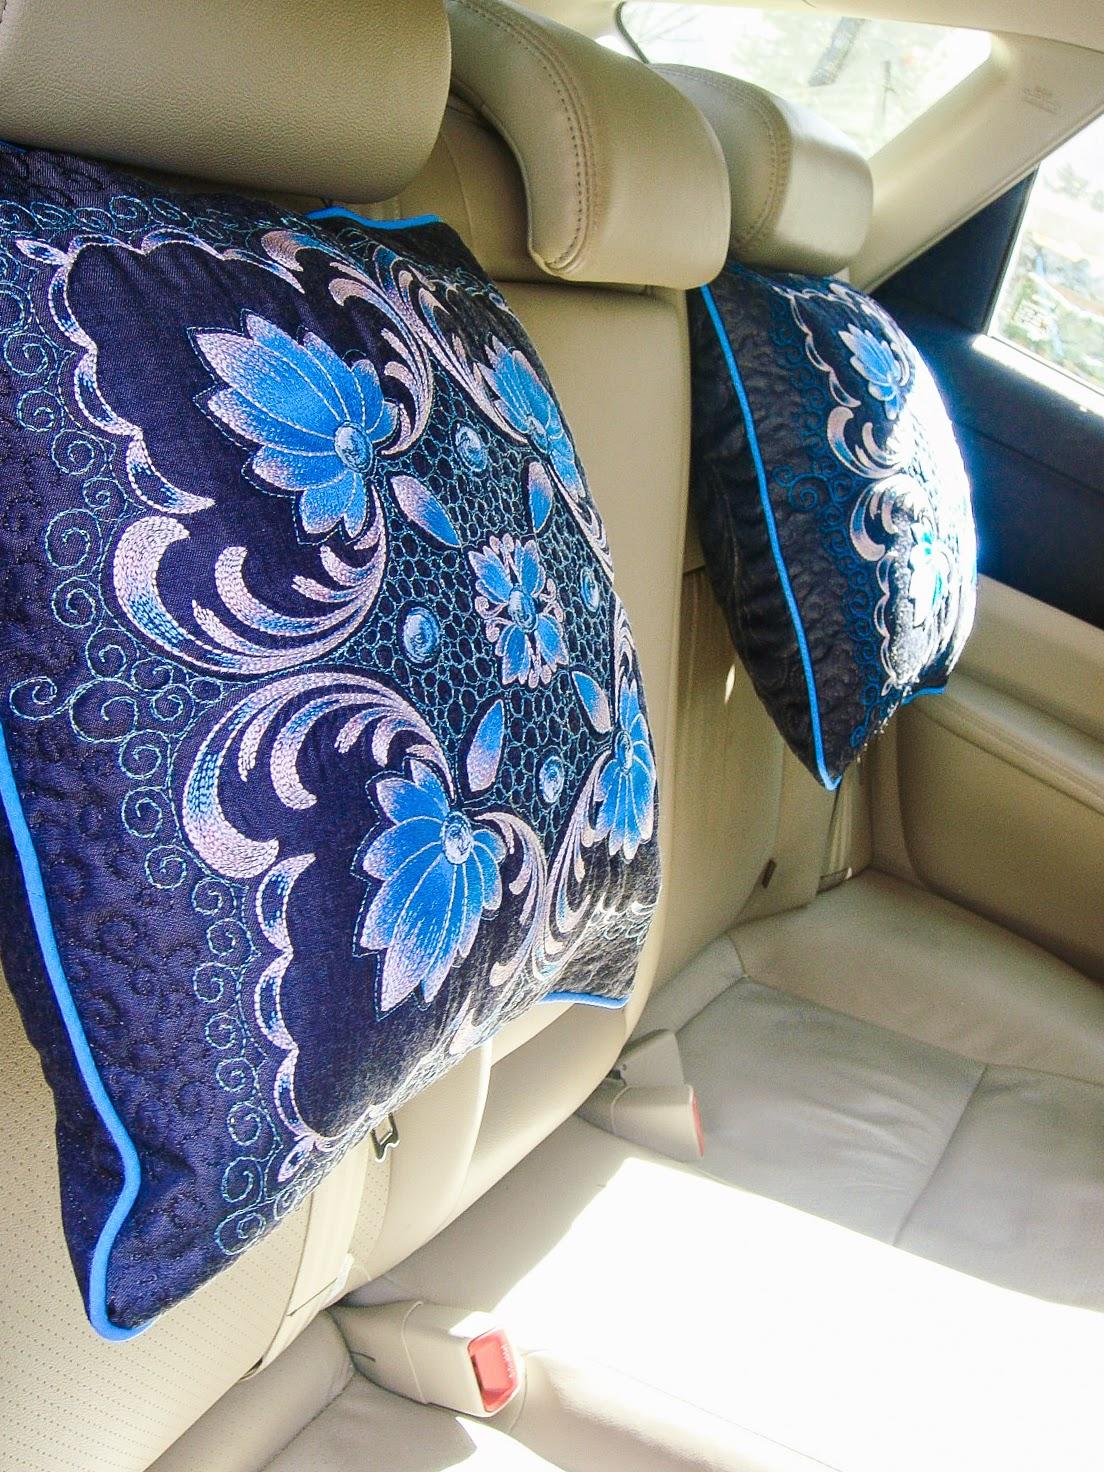 квилтинг, пэчворк, лоскутное шитье,бесплатный мастер-класс,quilting, patchwork embroedery pillows, подушка для машины